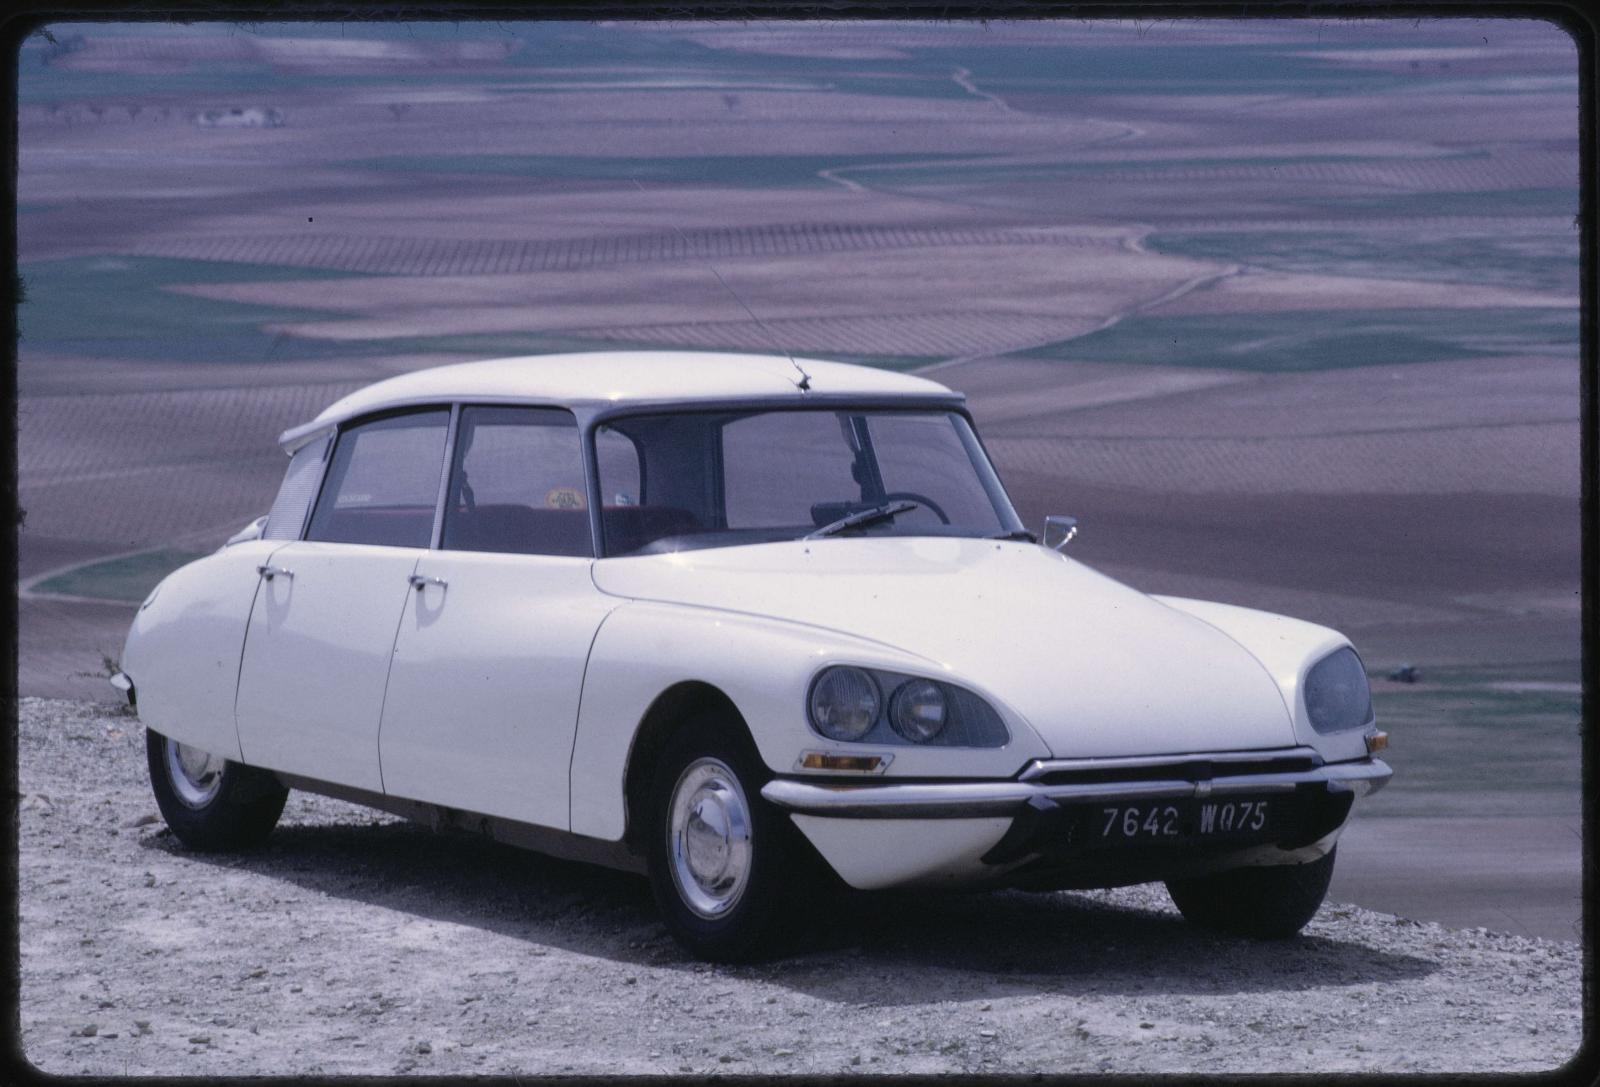 シトロエン DS 21 セダン - 1971年